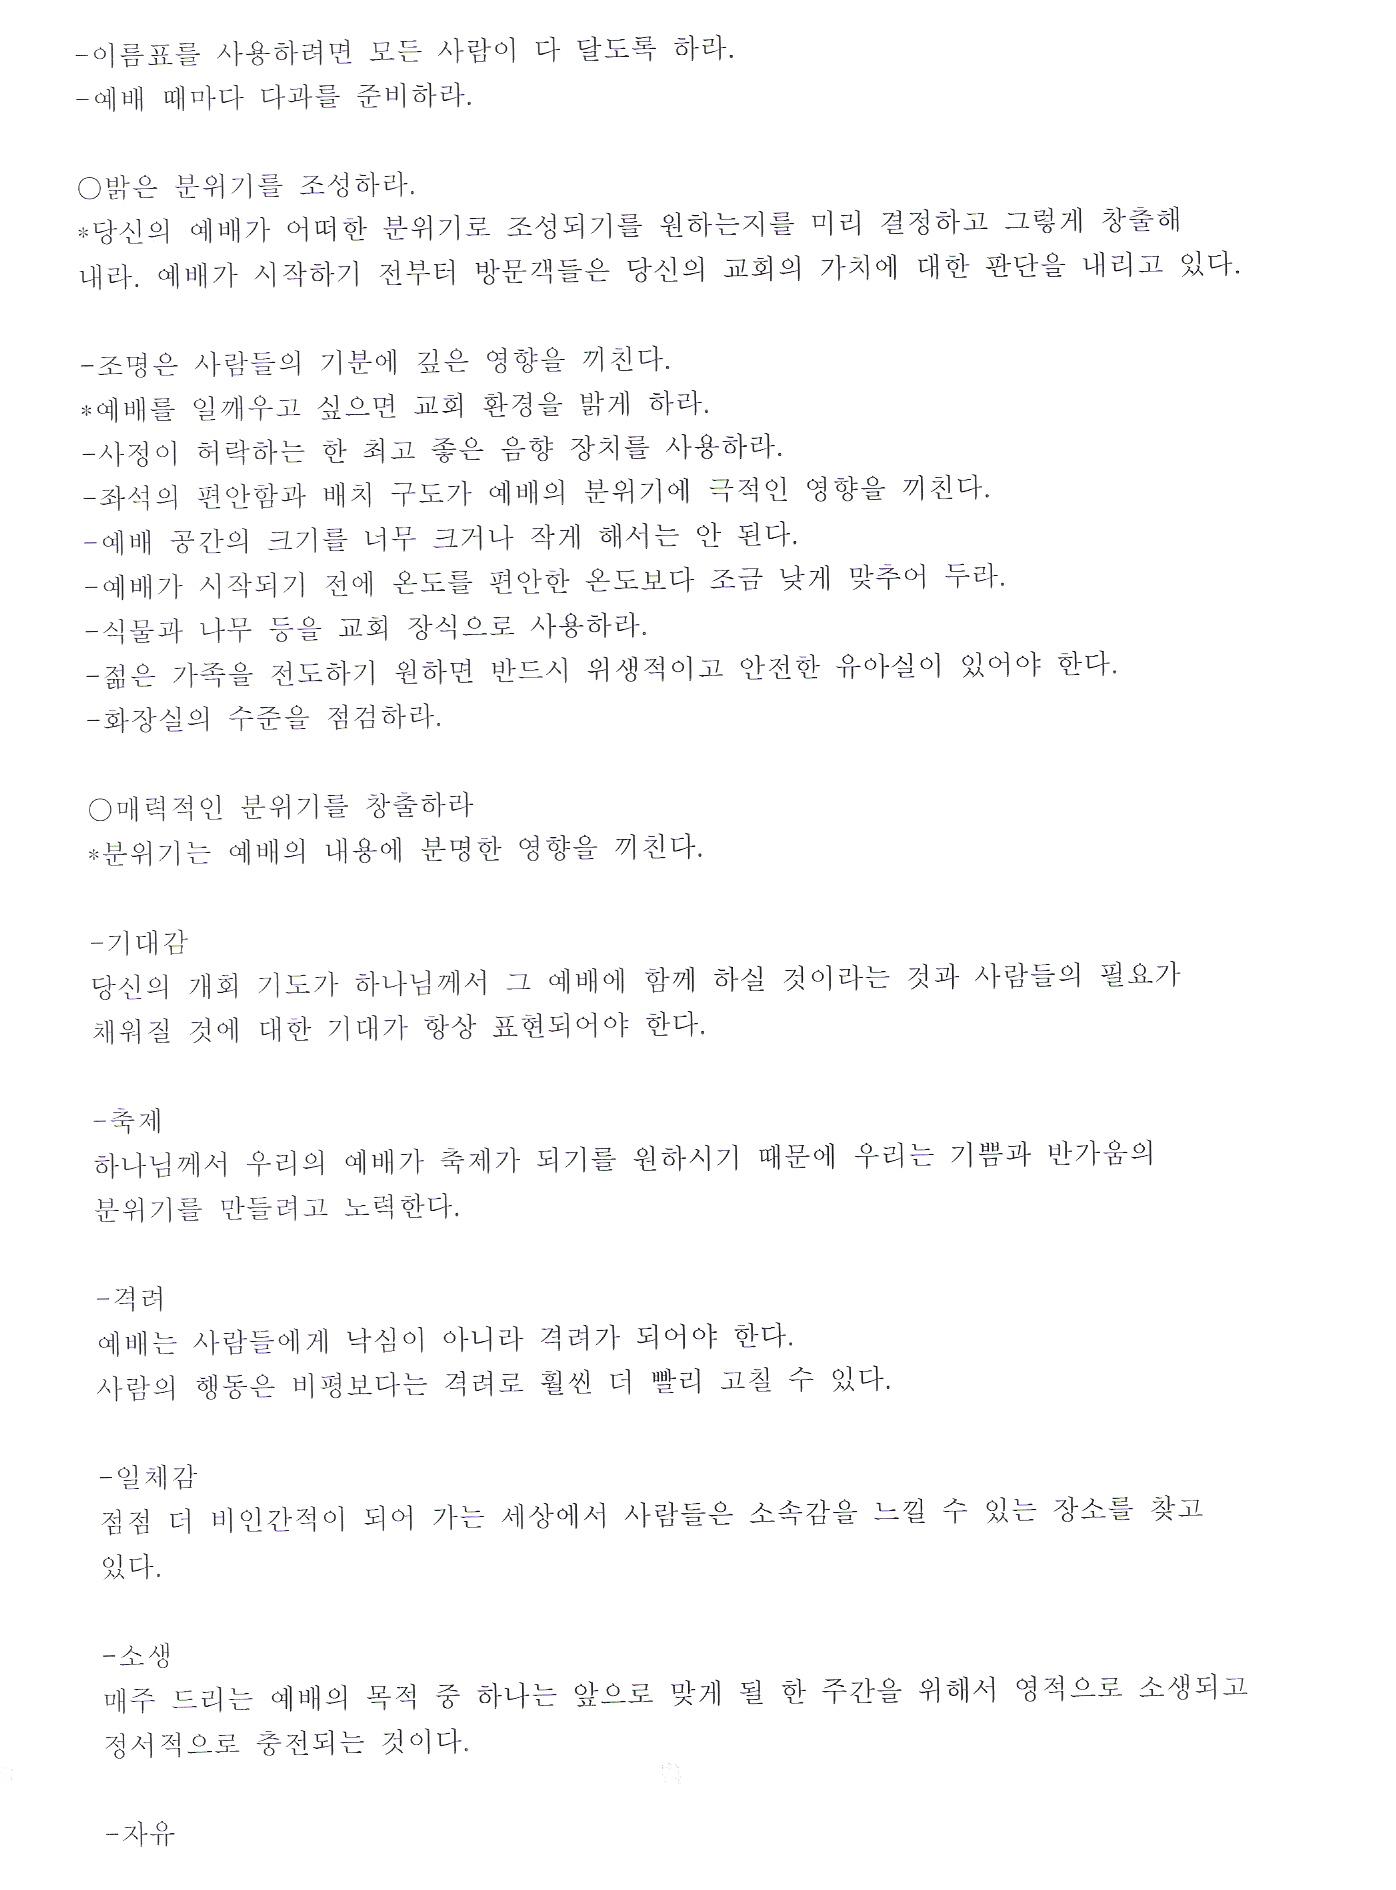 김숙자(14-15장)0002.jpg